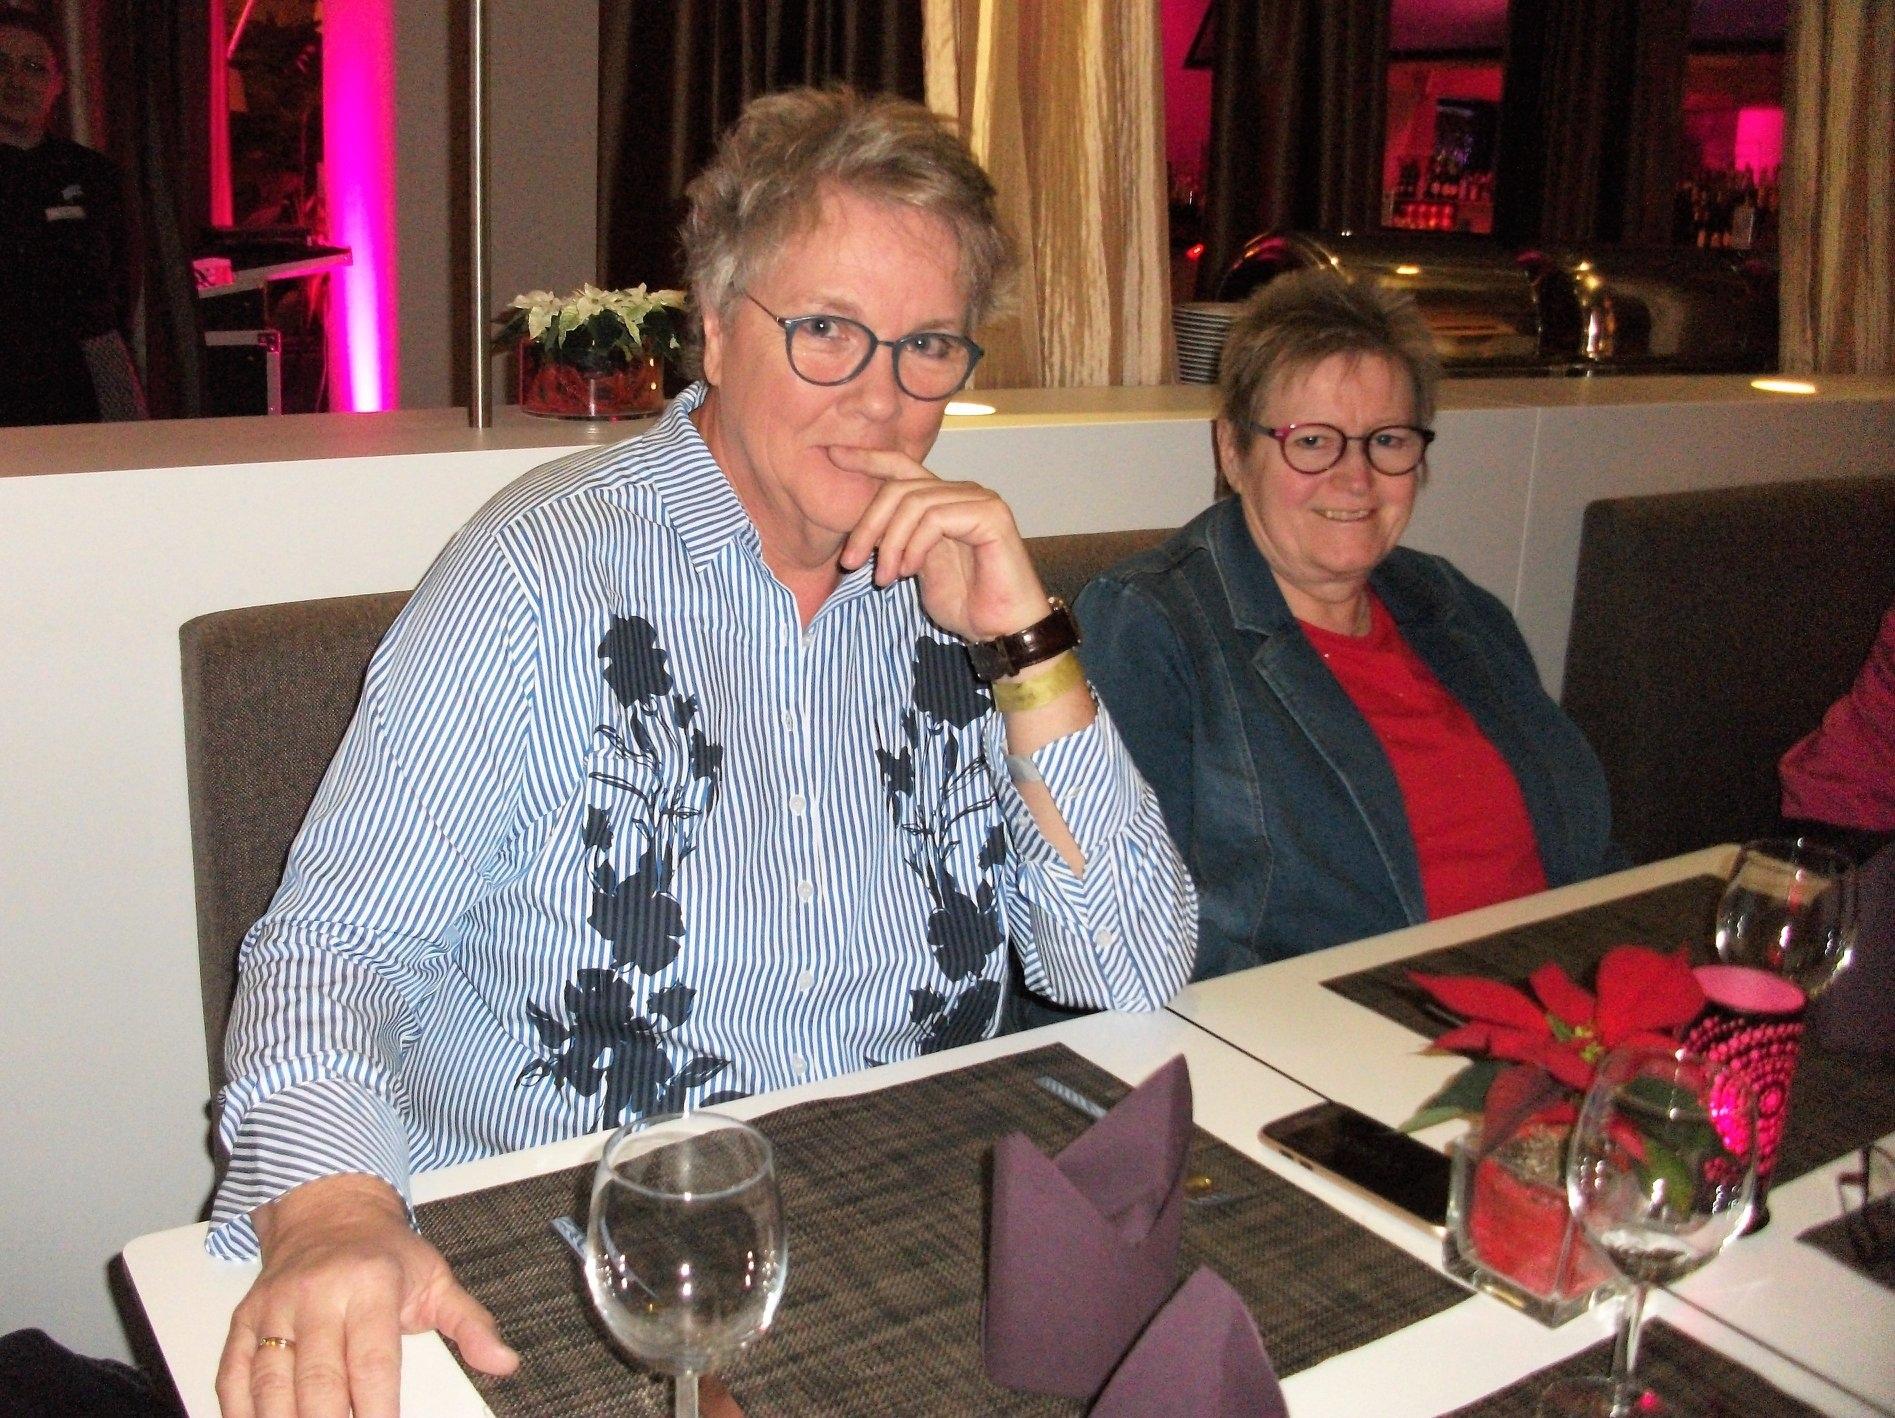 Buchmesse BuchBerlin 2018, Autoren-Abend, Dagmar Roder und Rosa Ananitschev